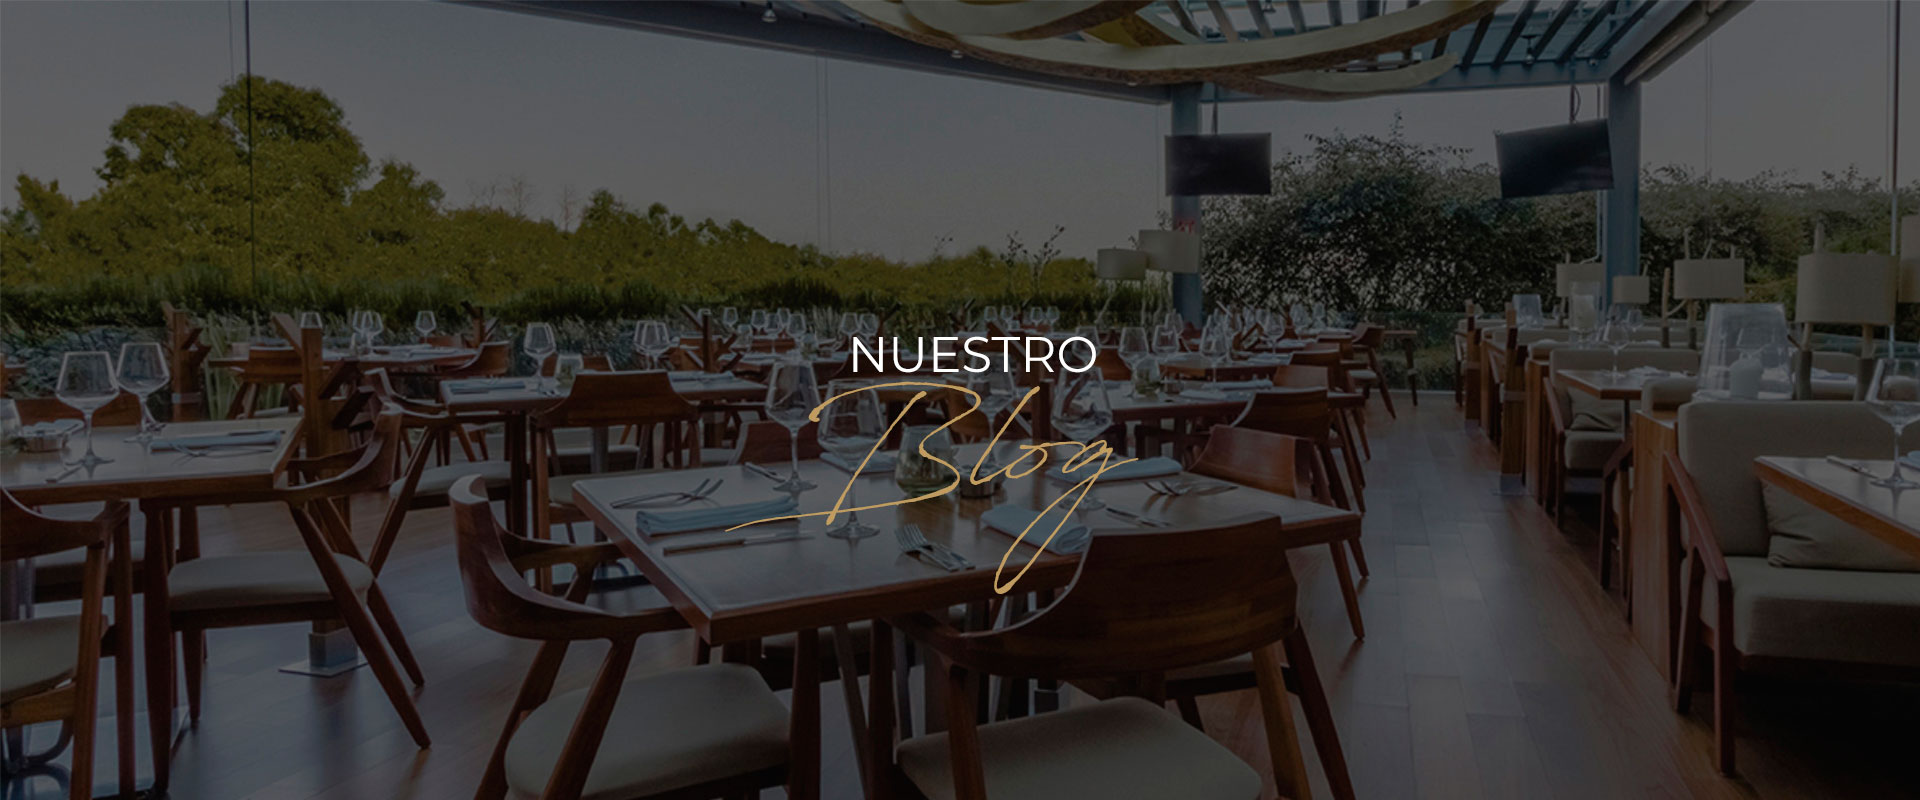 nuestro blog harrys cancun grupo anderson restaurantes